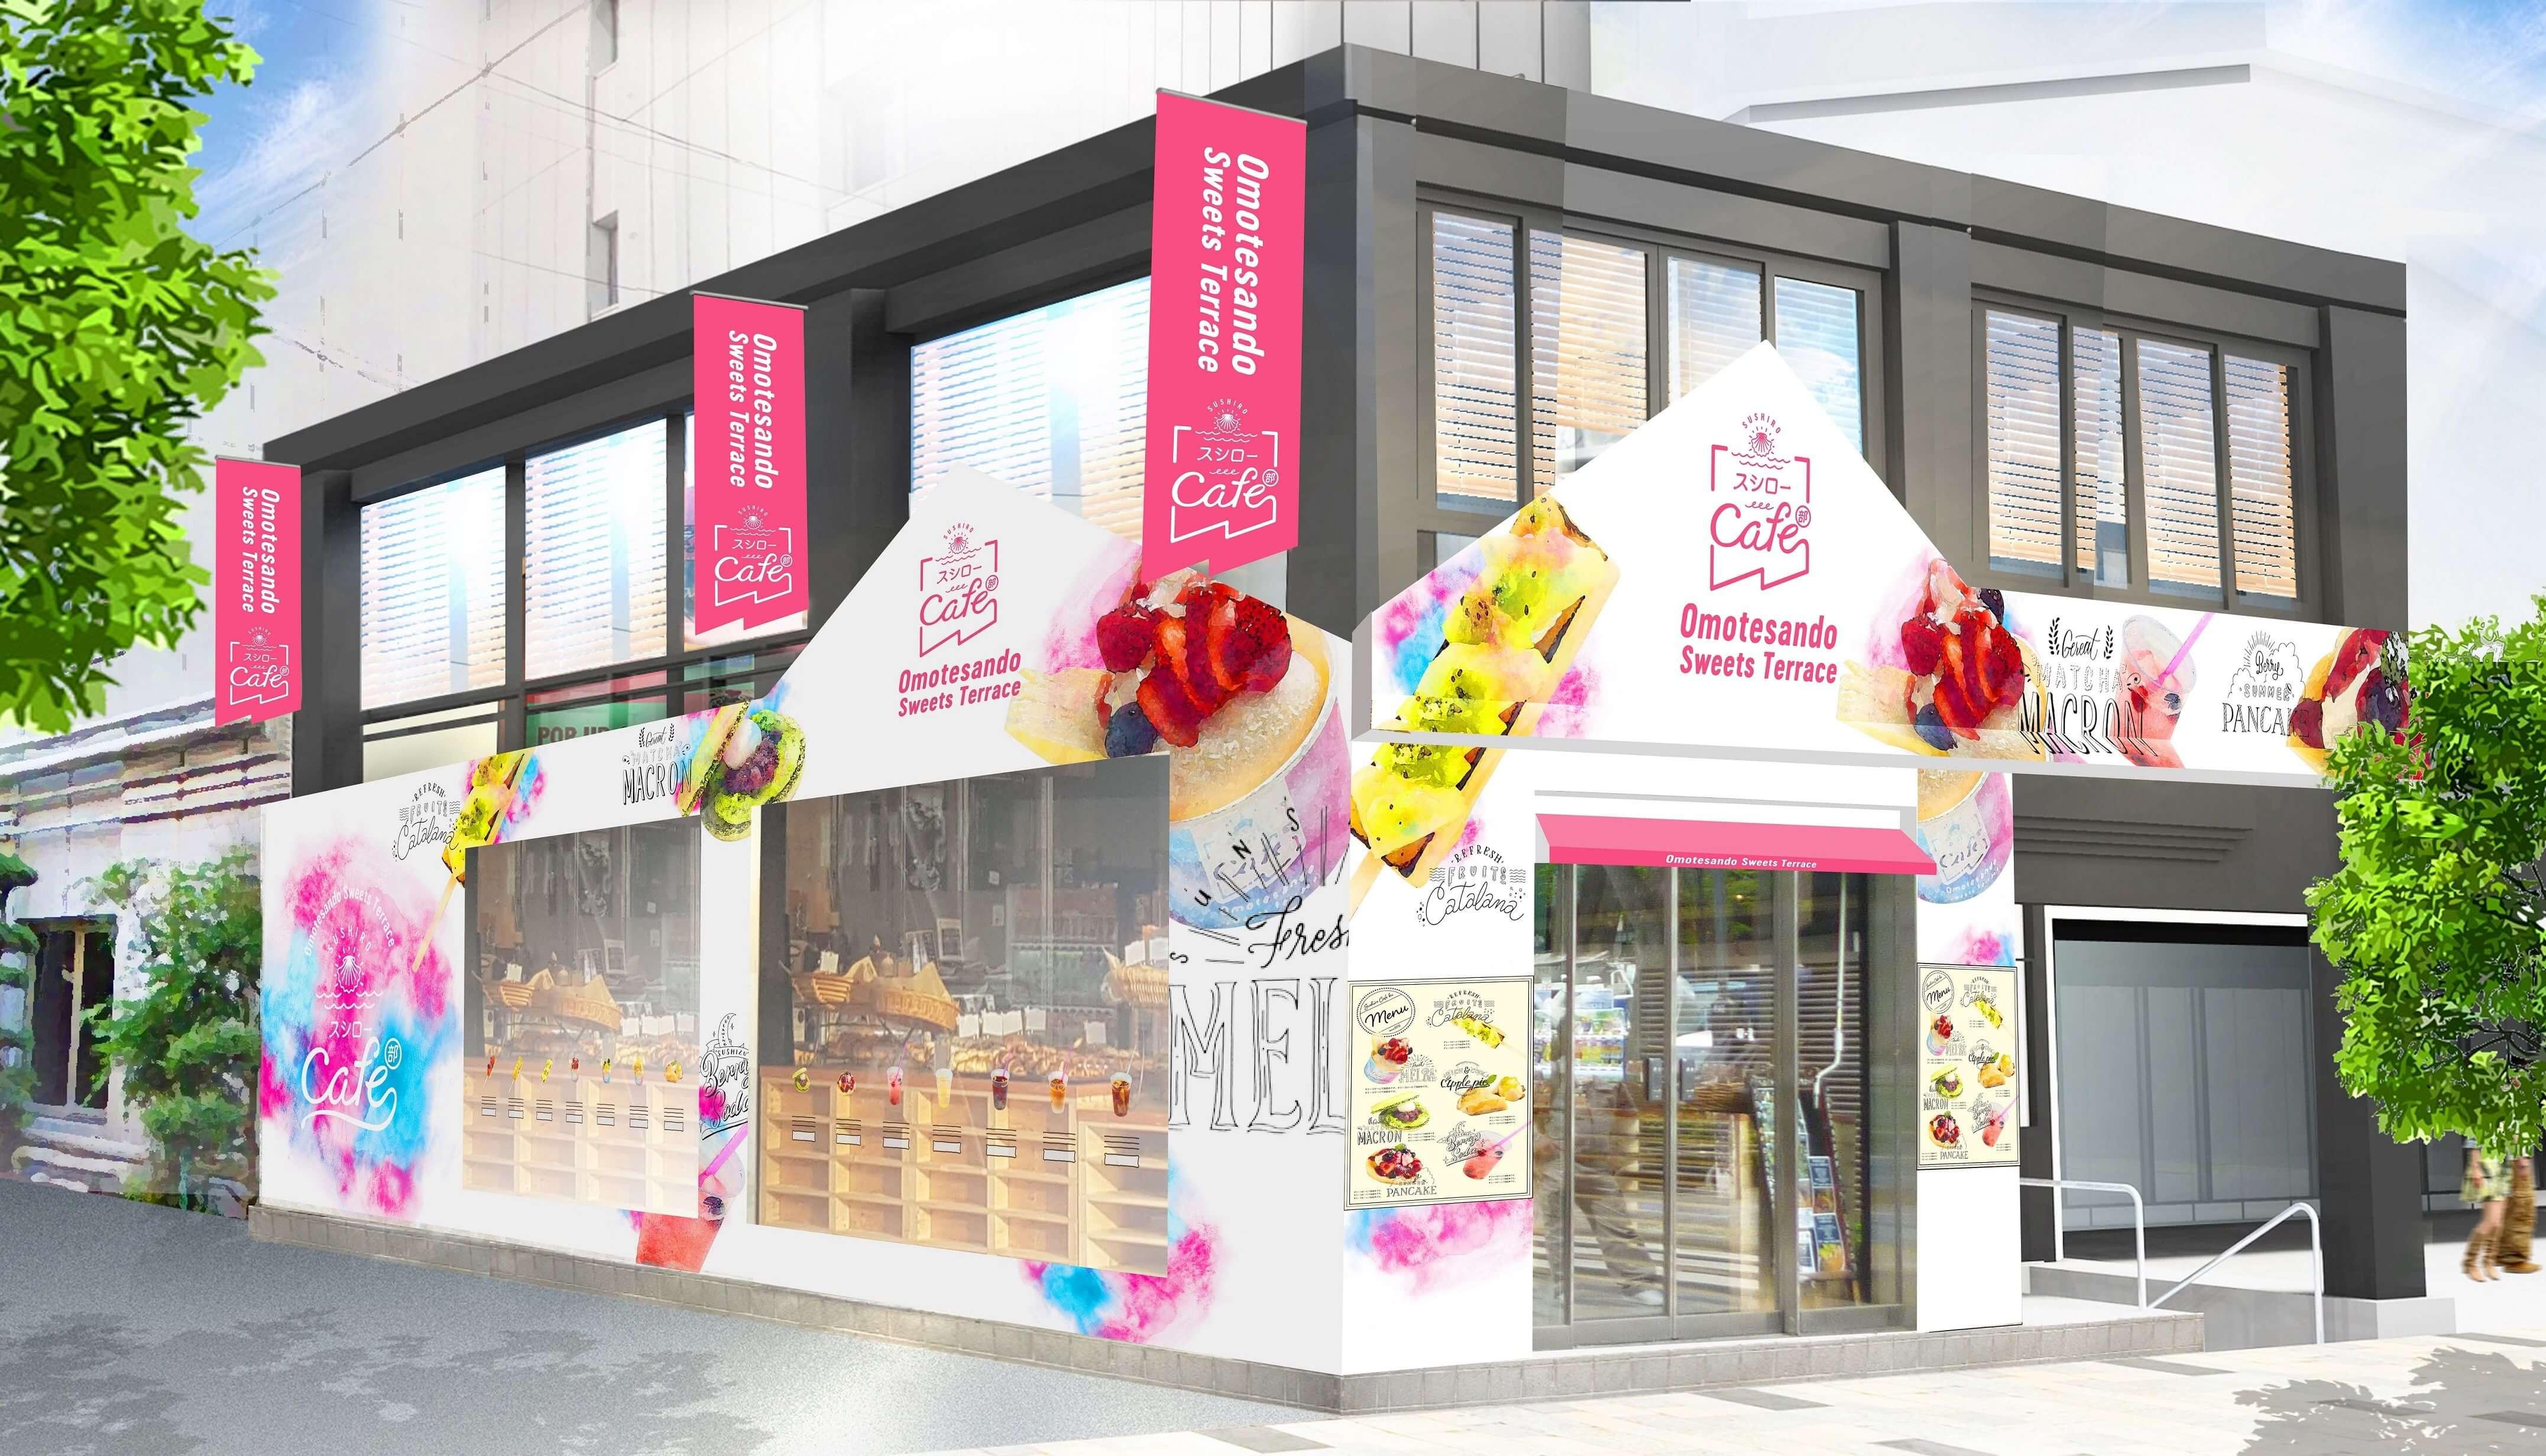 迴轉壽司業界首創!「壽司郎咖啡廳部門 表參道Sweets Terrace」於日本開幕 咖啡廳、甜點、